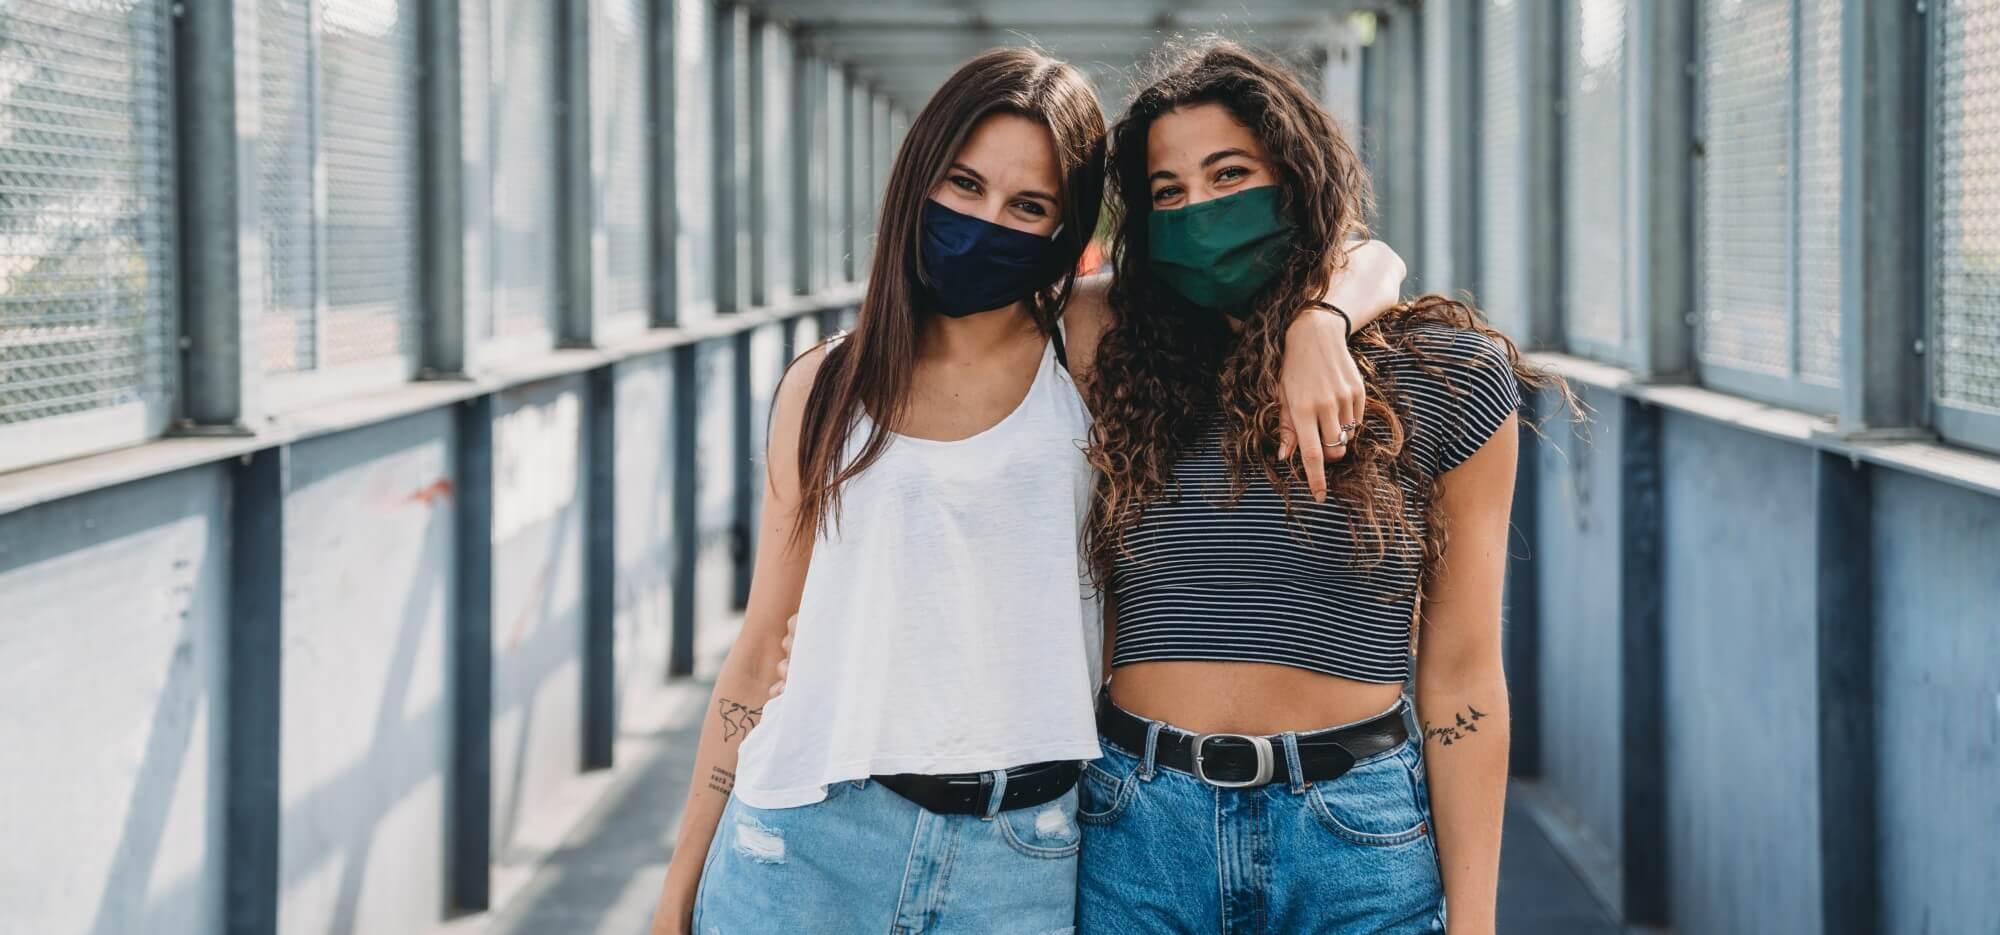 girls wearing masks